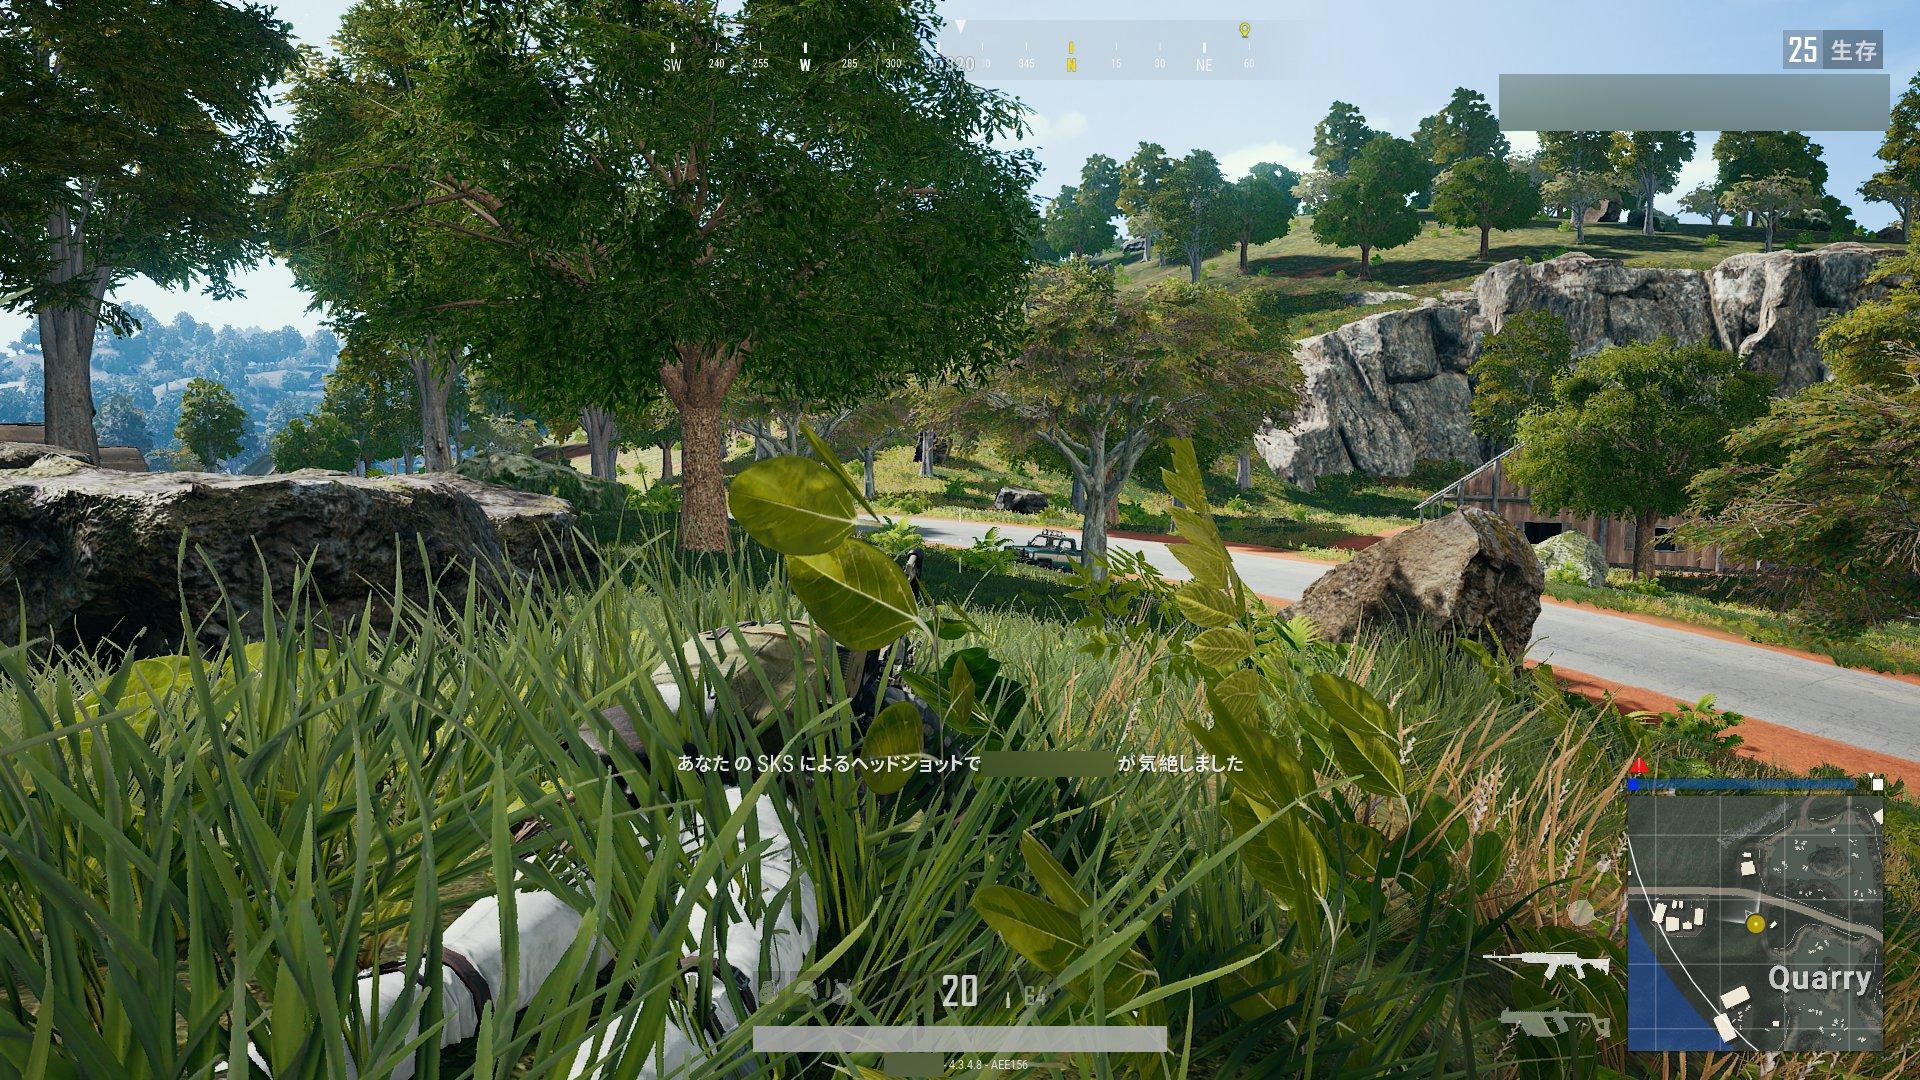 倒せる見込みのある距離で先に敵を見つけて、倒しきるまで弾を当てられるかどうかは、スクアッドを遊ぶ上でも重要な要素だ